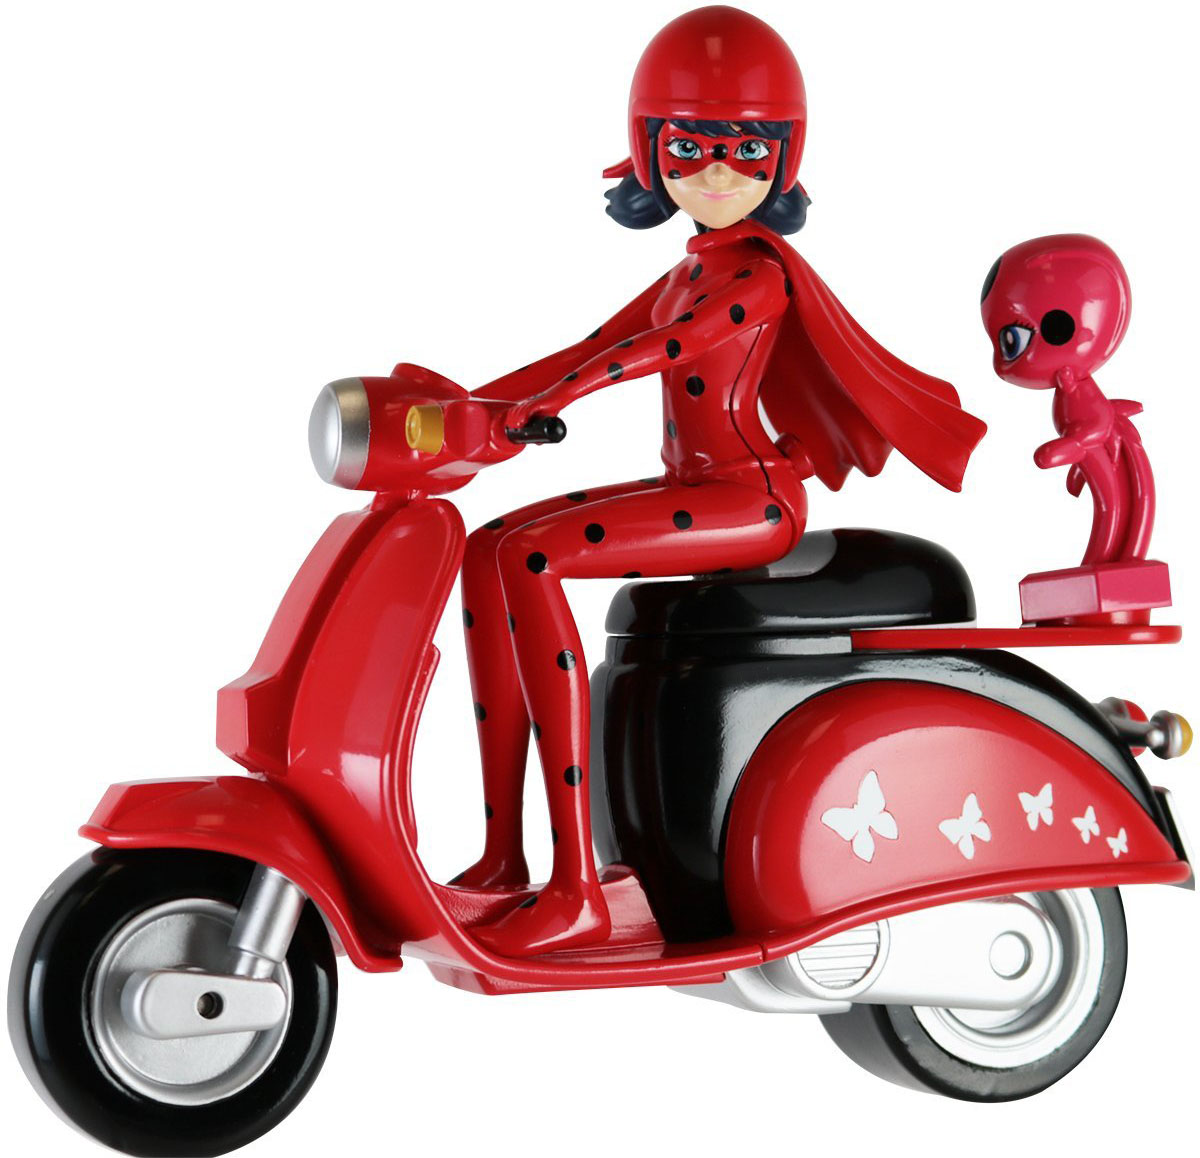 Miraculous Кукла Леди Баг на скутере игровой набор город троллей диджей баг